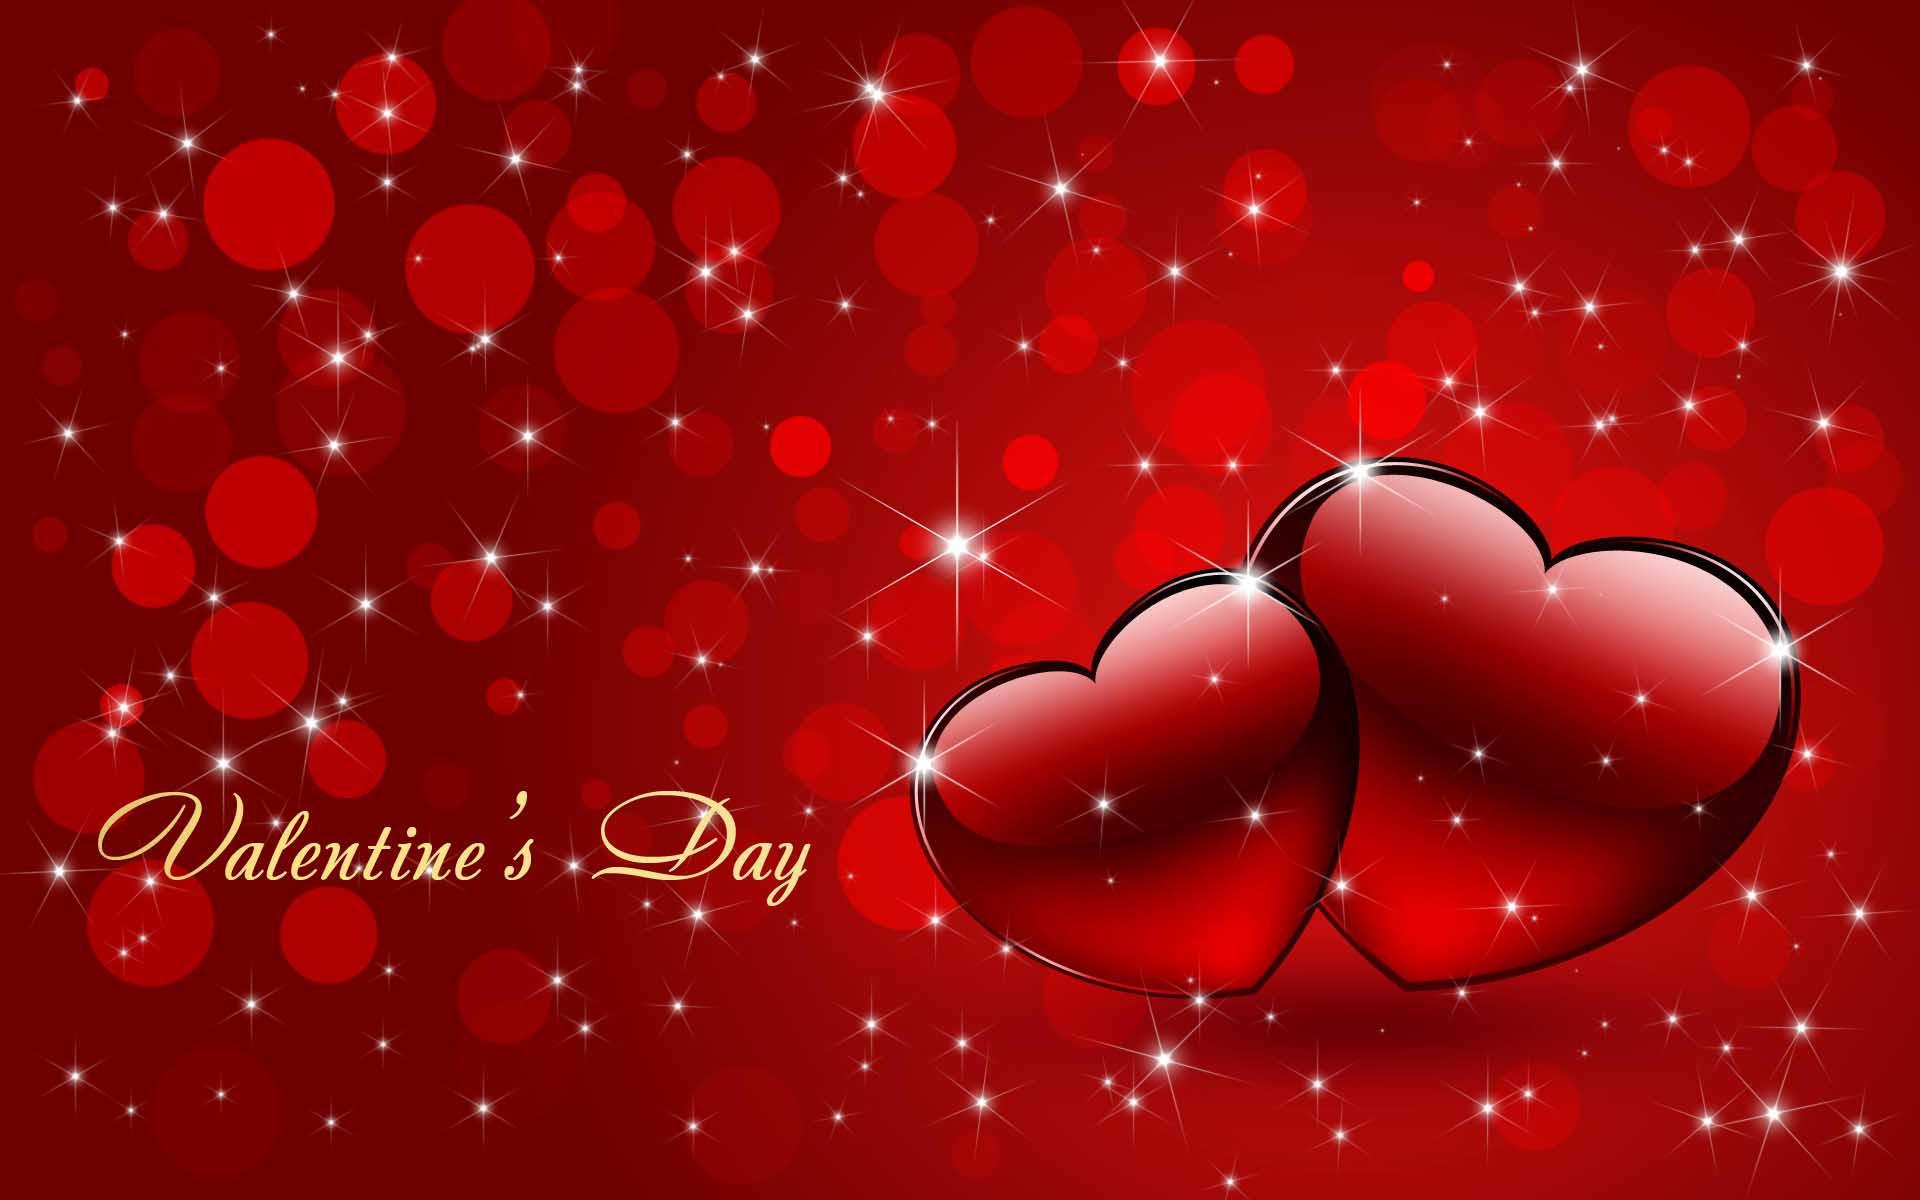 Imagenes Geniales De San Valentin Dia Enamorados Descargar